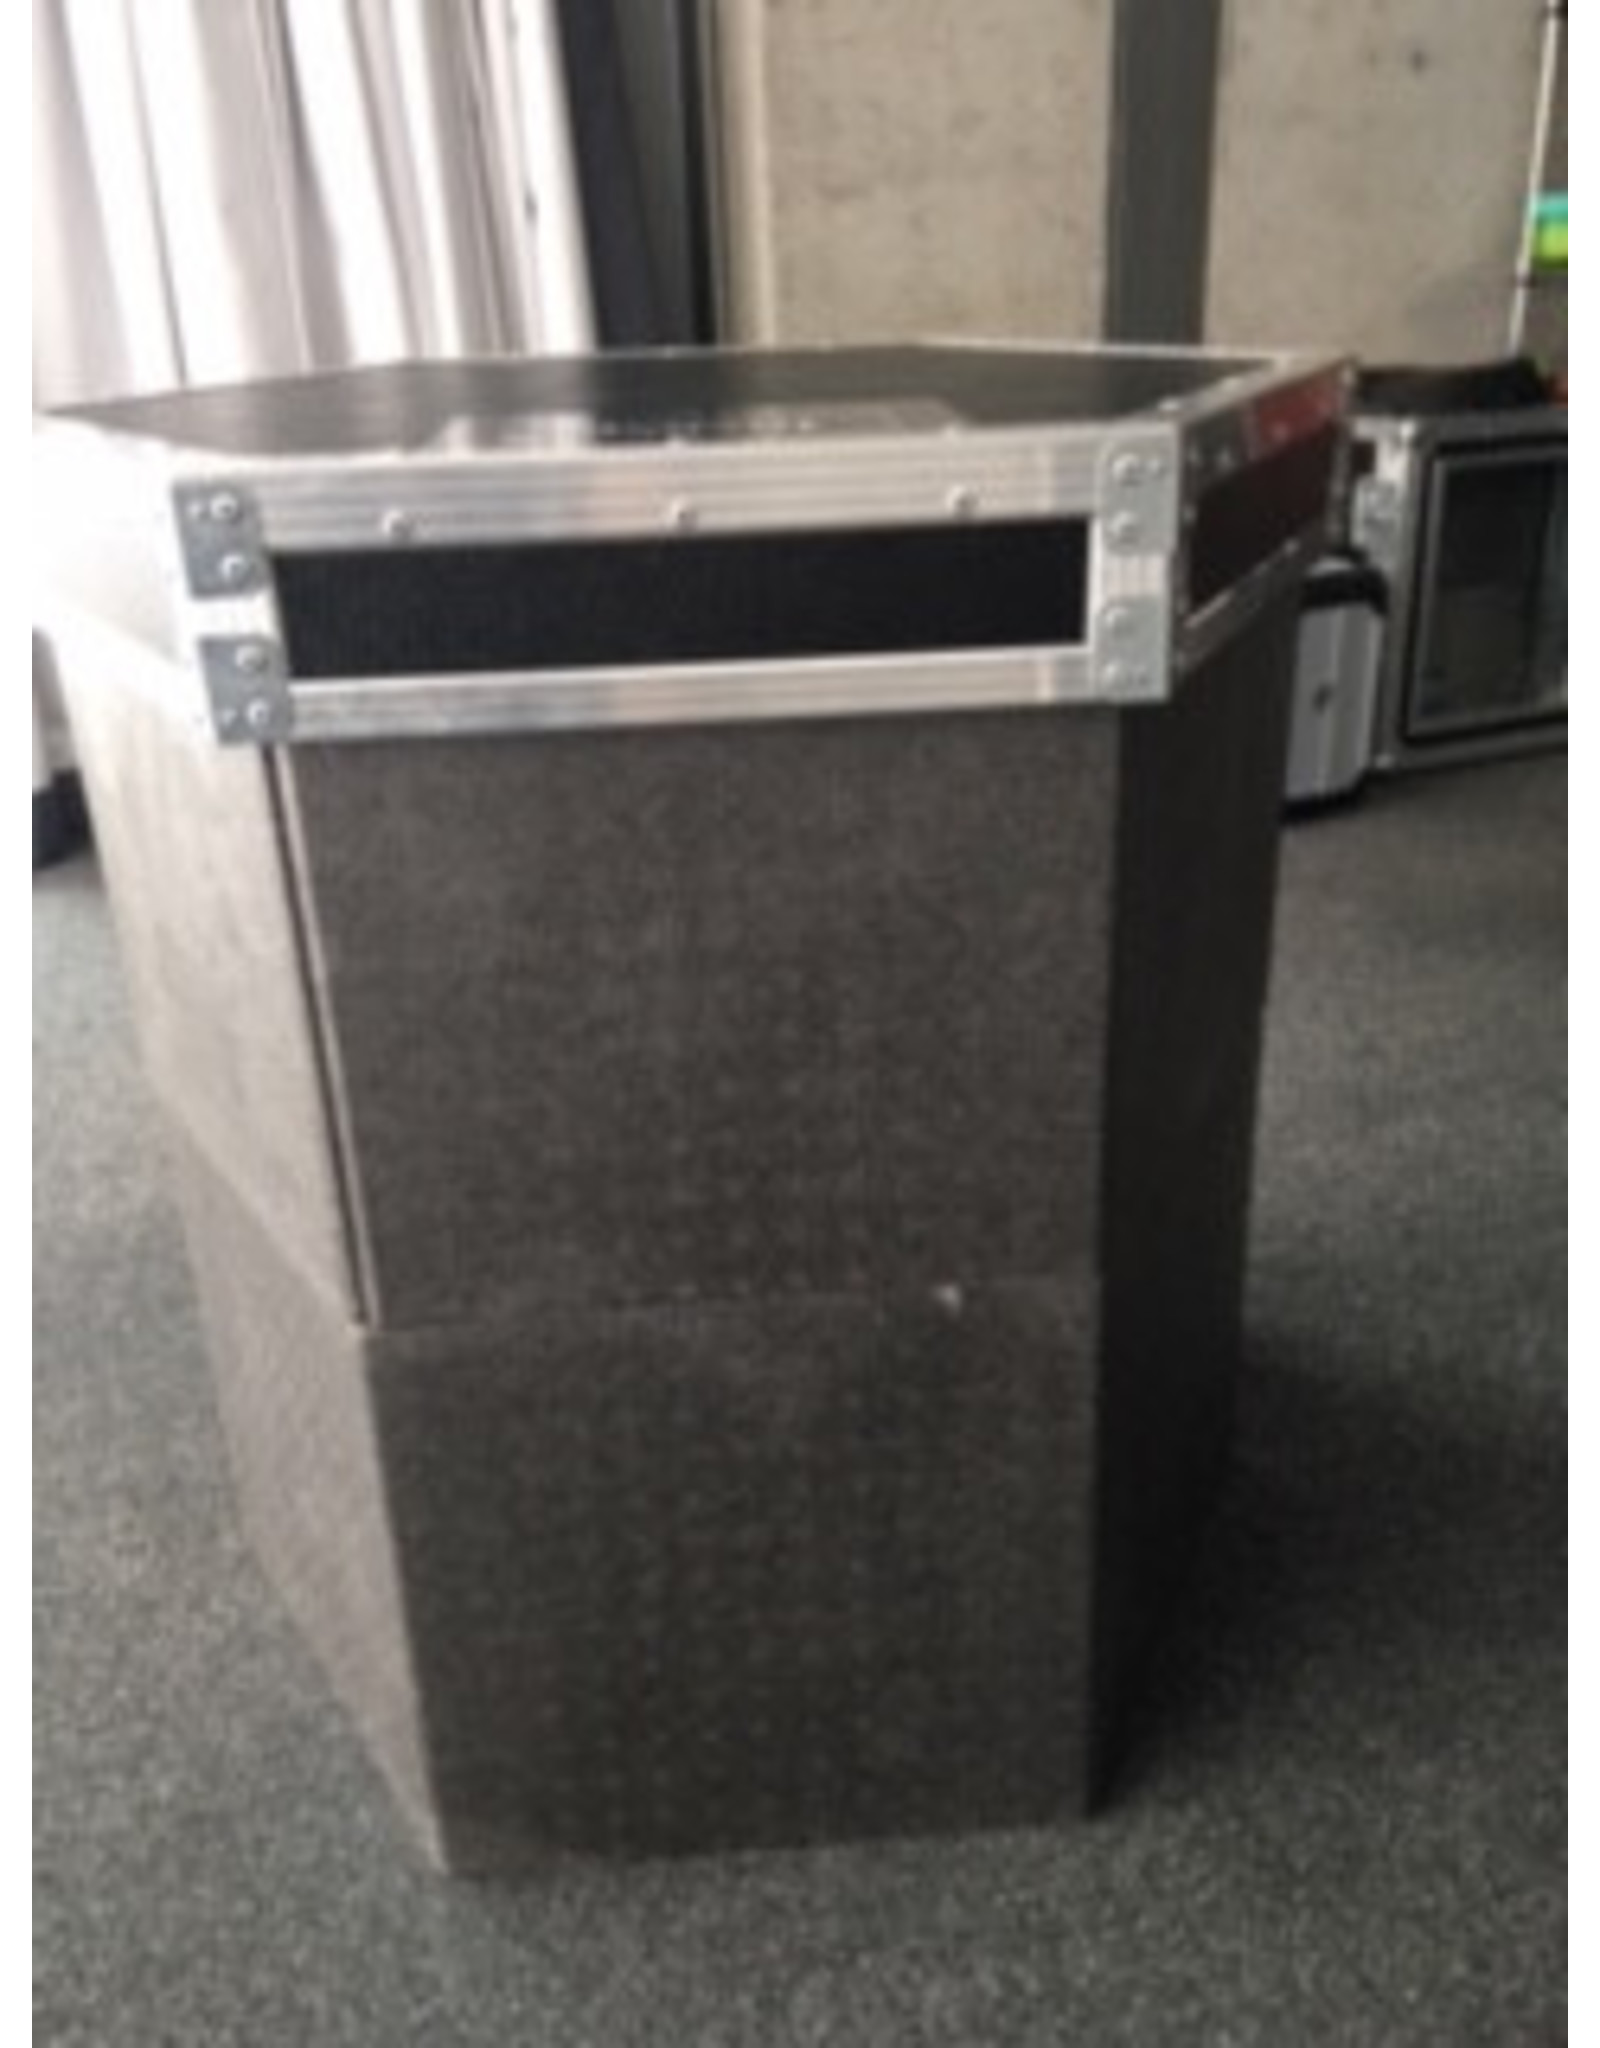 InCase Furniture InCase Stehtisch